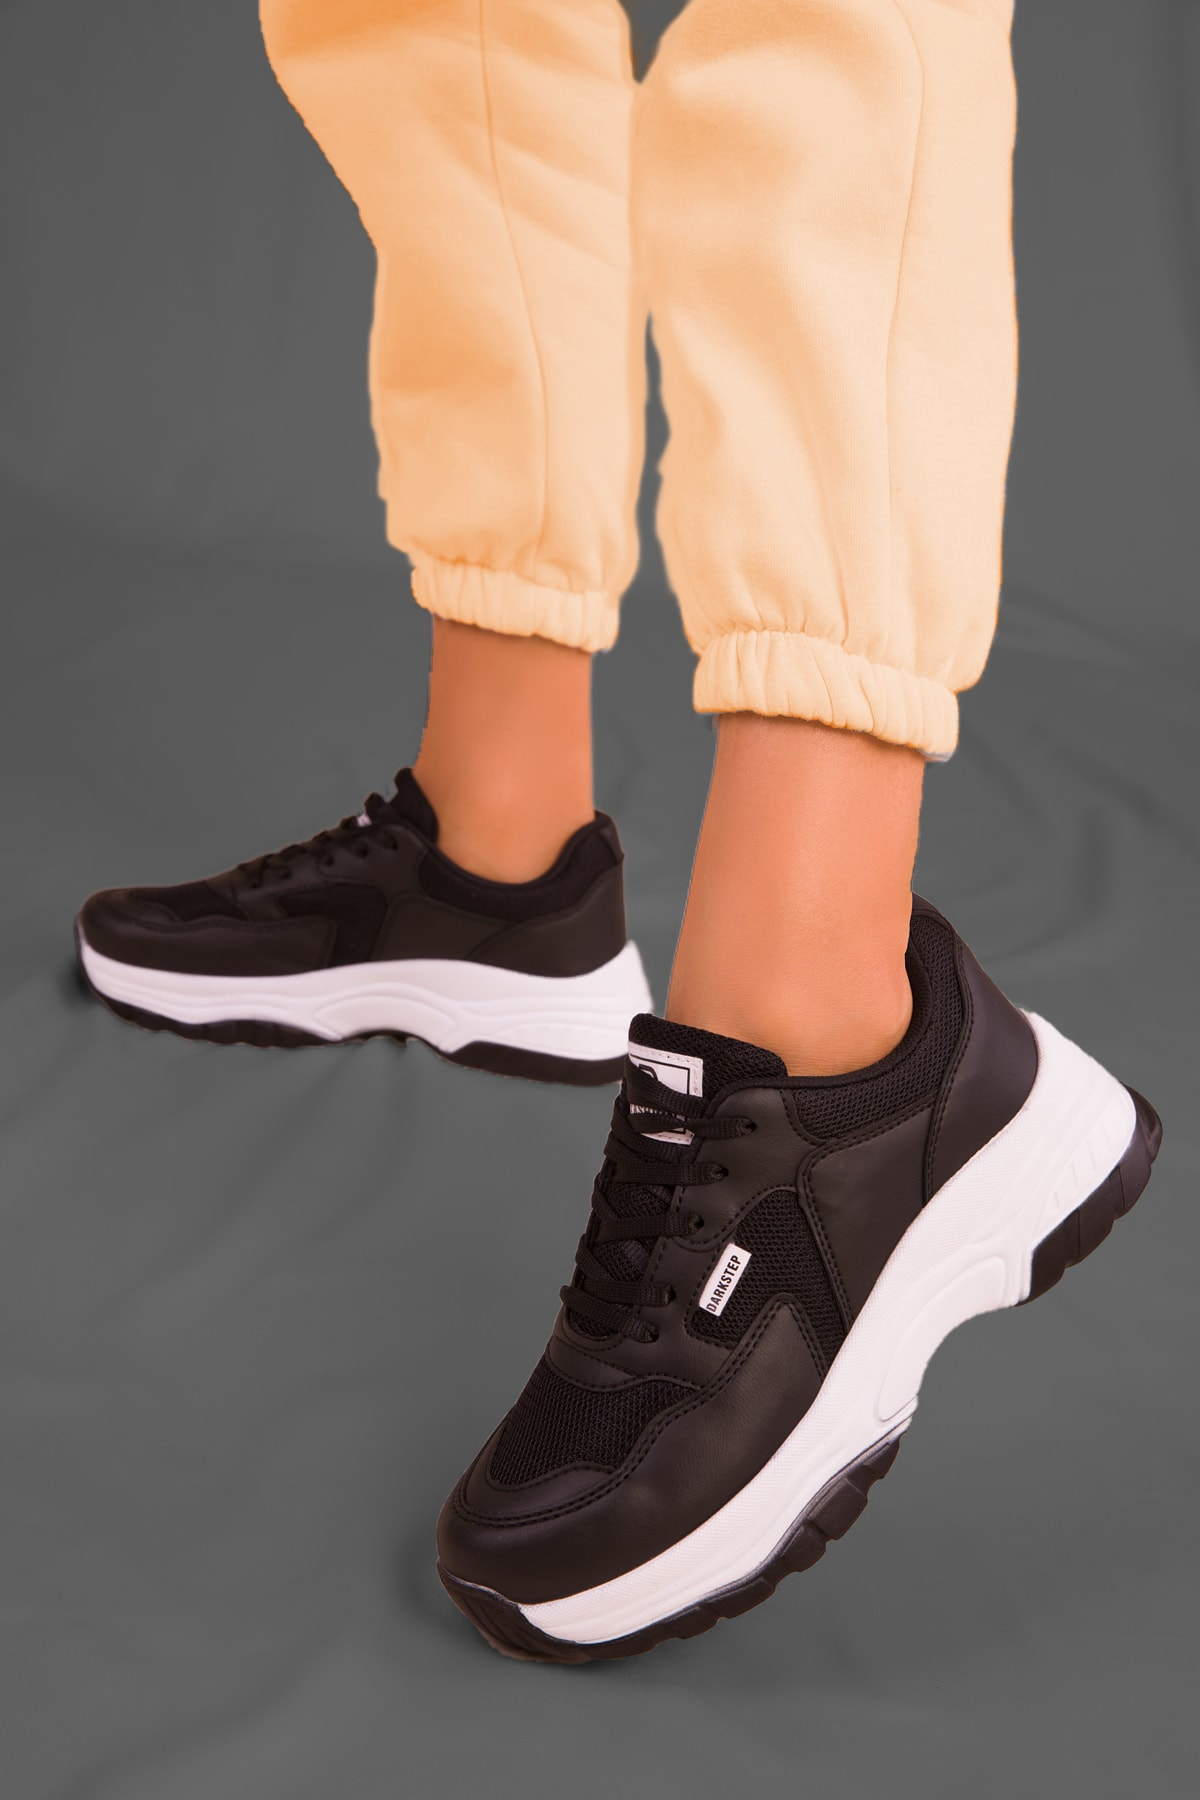 ICELAKE Unisex Siyah Sneaker Y01ls106 1